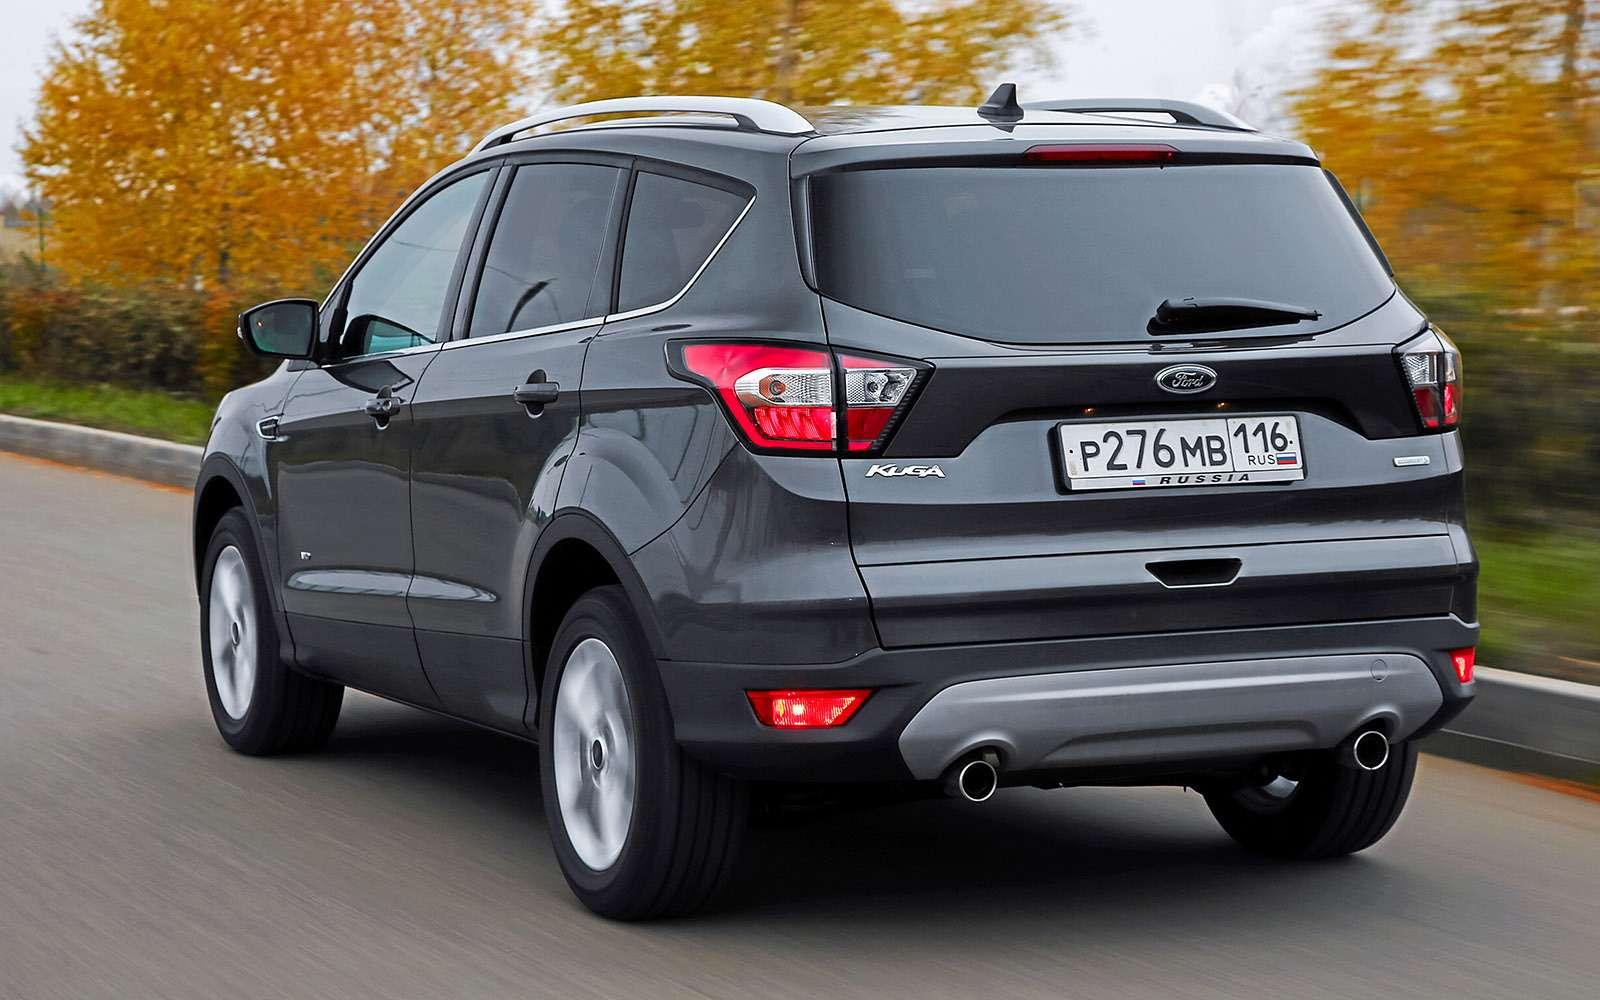 Обновленный Ford Kuga российской сборки: мыпоездили нанем первыми!— фото 674472